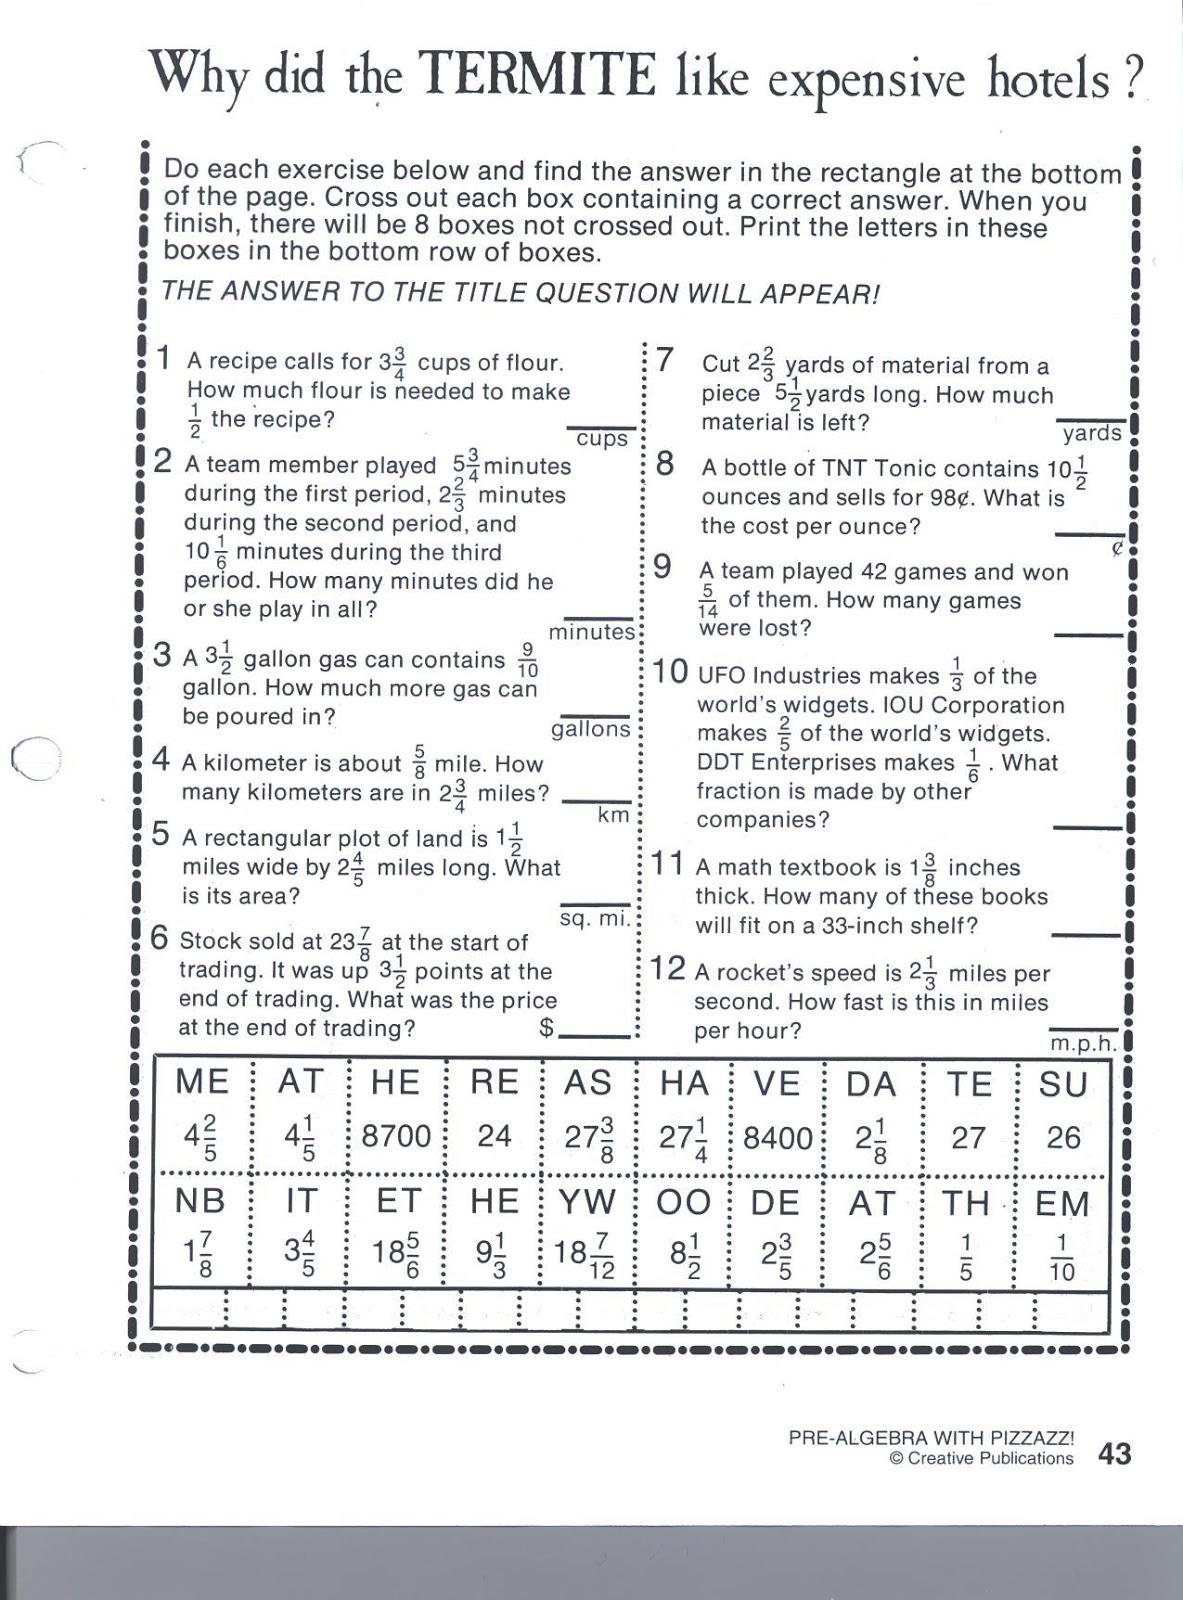 Pre Algebra With Pizzazz Answer Key